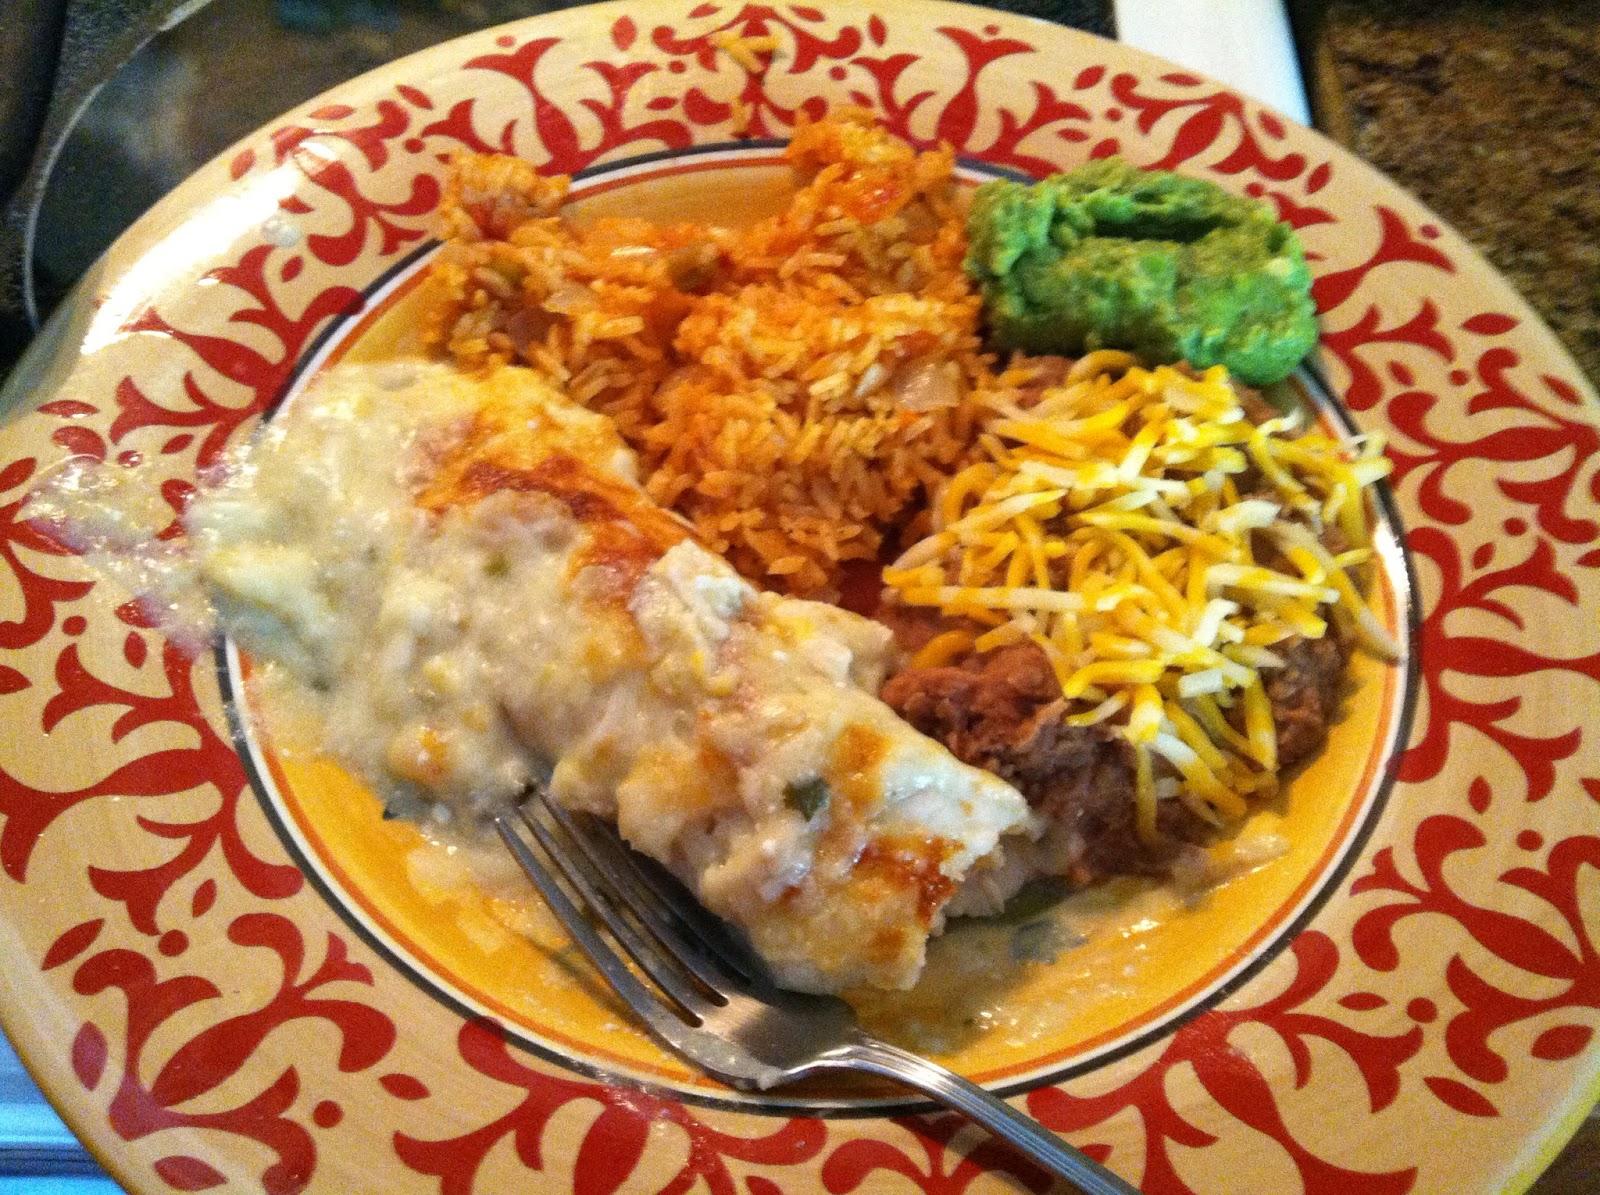 ... Walker: White Chicken Enchiladas with Salsa Verde Sour Cream Sauce